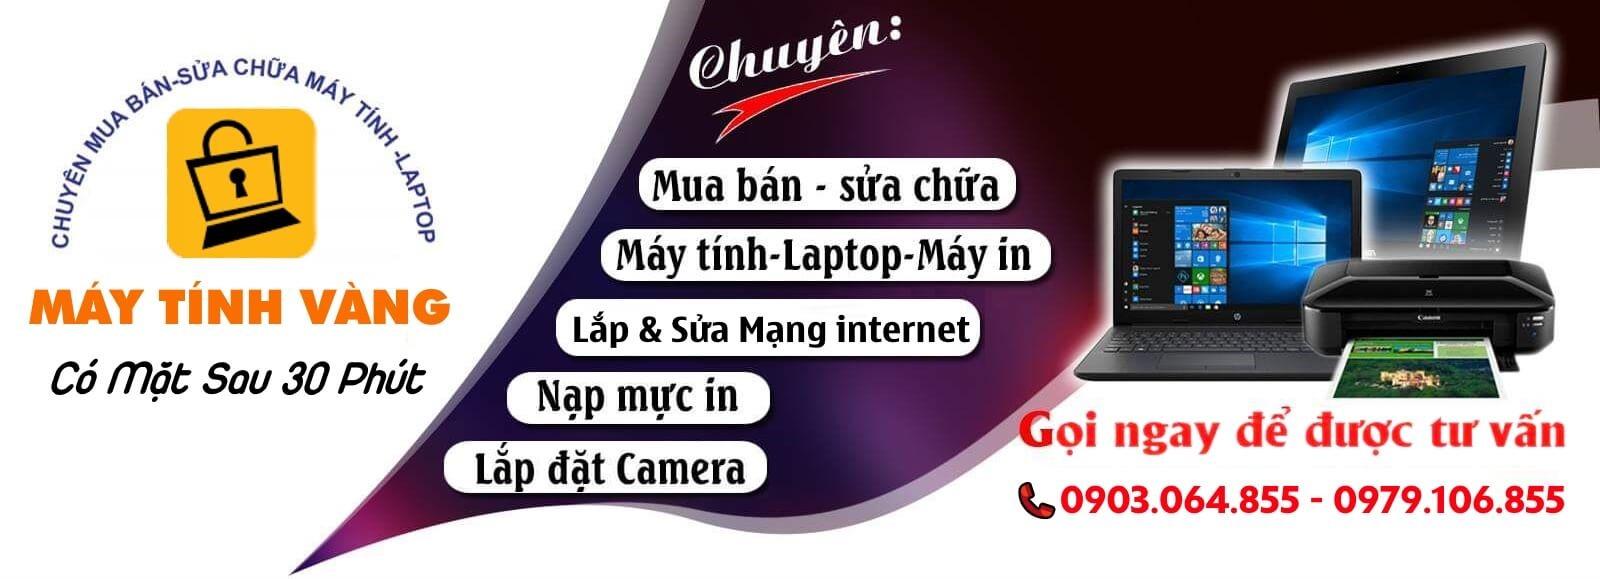 Máy Tính Vàng tự hào là đơn vị cung cấp dịch vụ sửa laptop quận Bình Thạnh tại nhà số 1 hiện nay